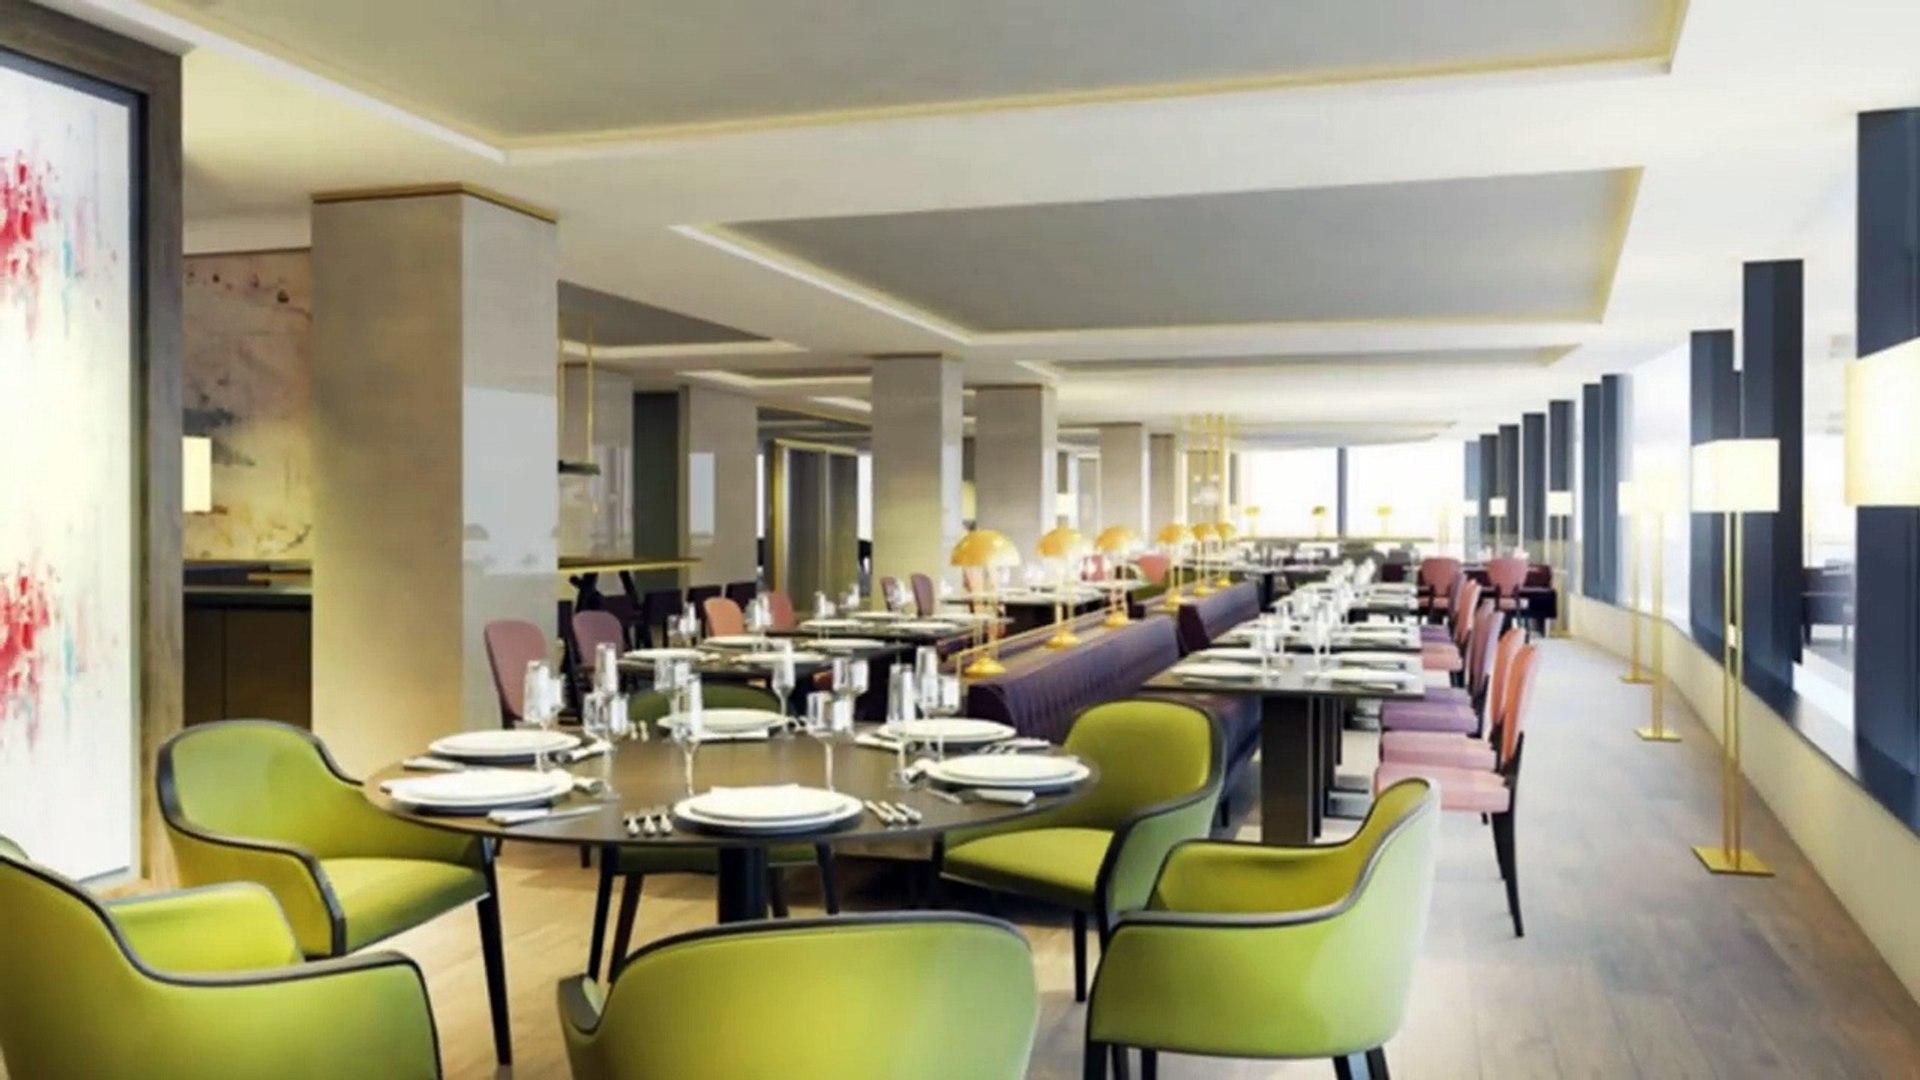 هتل کورتیارد بای ماریوت بلگراد سیتی سنتر